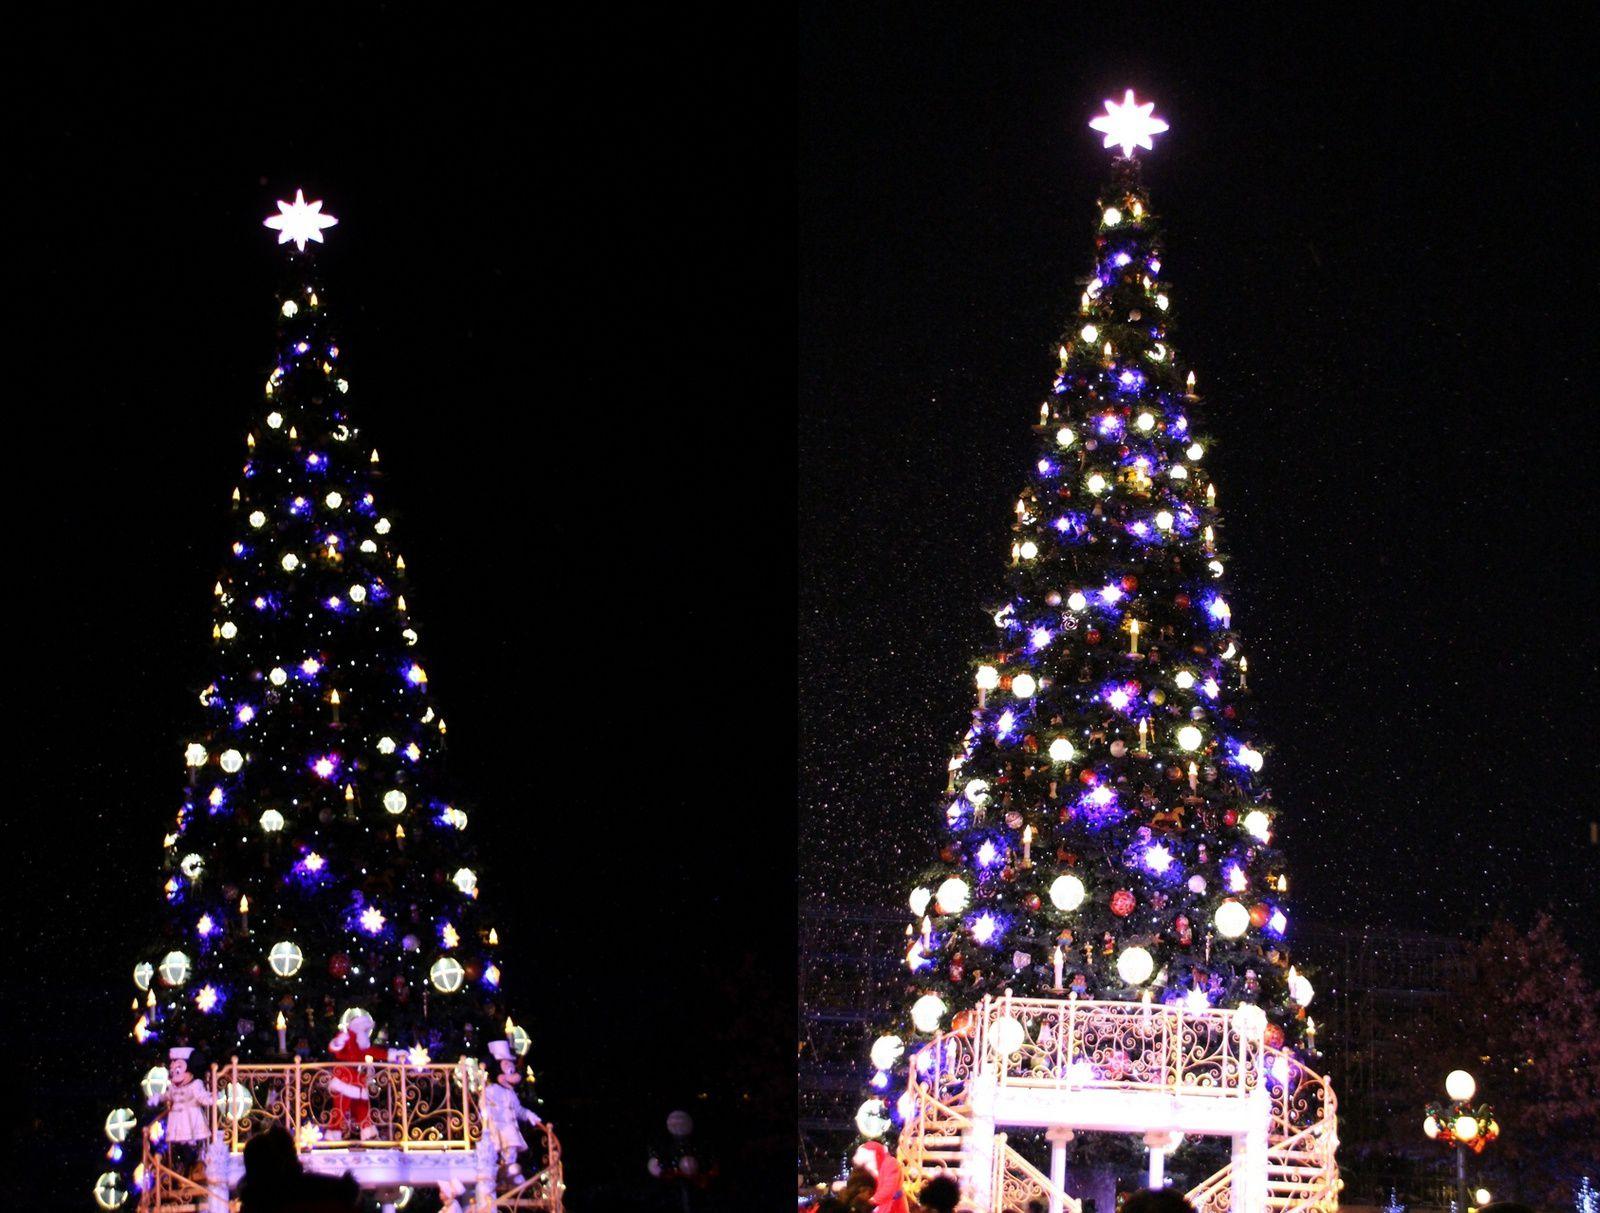 Le Noël enchanté Disney à Disneyland Paris (2017)